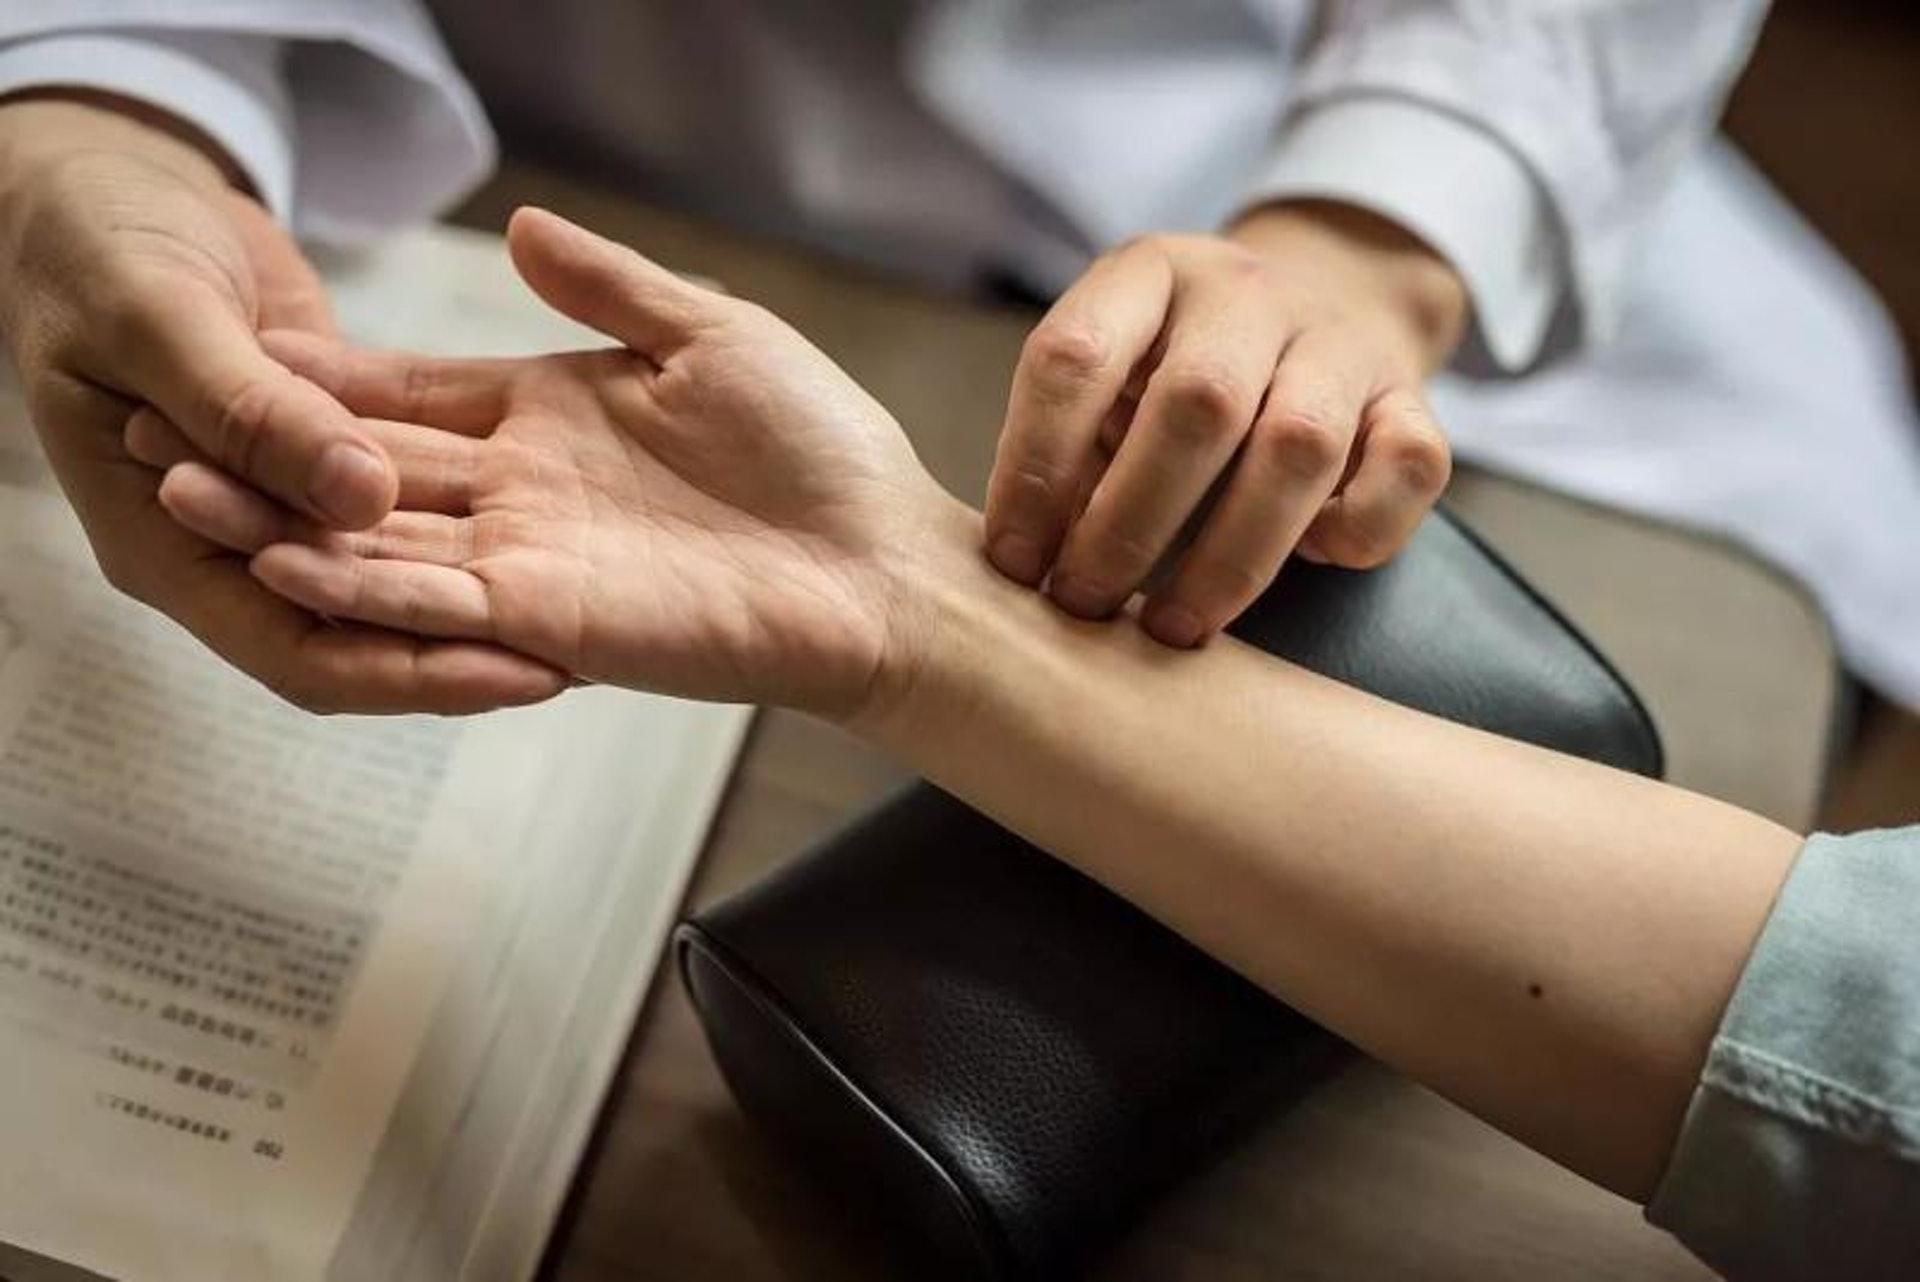 術後調理分為「健脾化濕」、「養血補腎」及「疏肝化瘀」三步。(圖片:nownews)